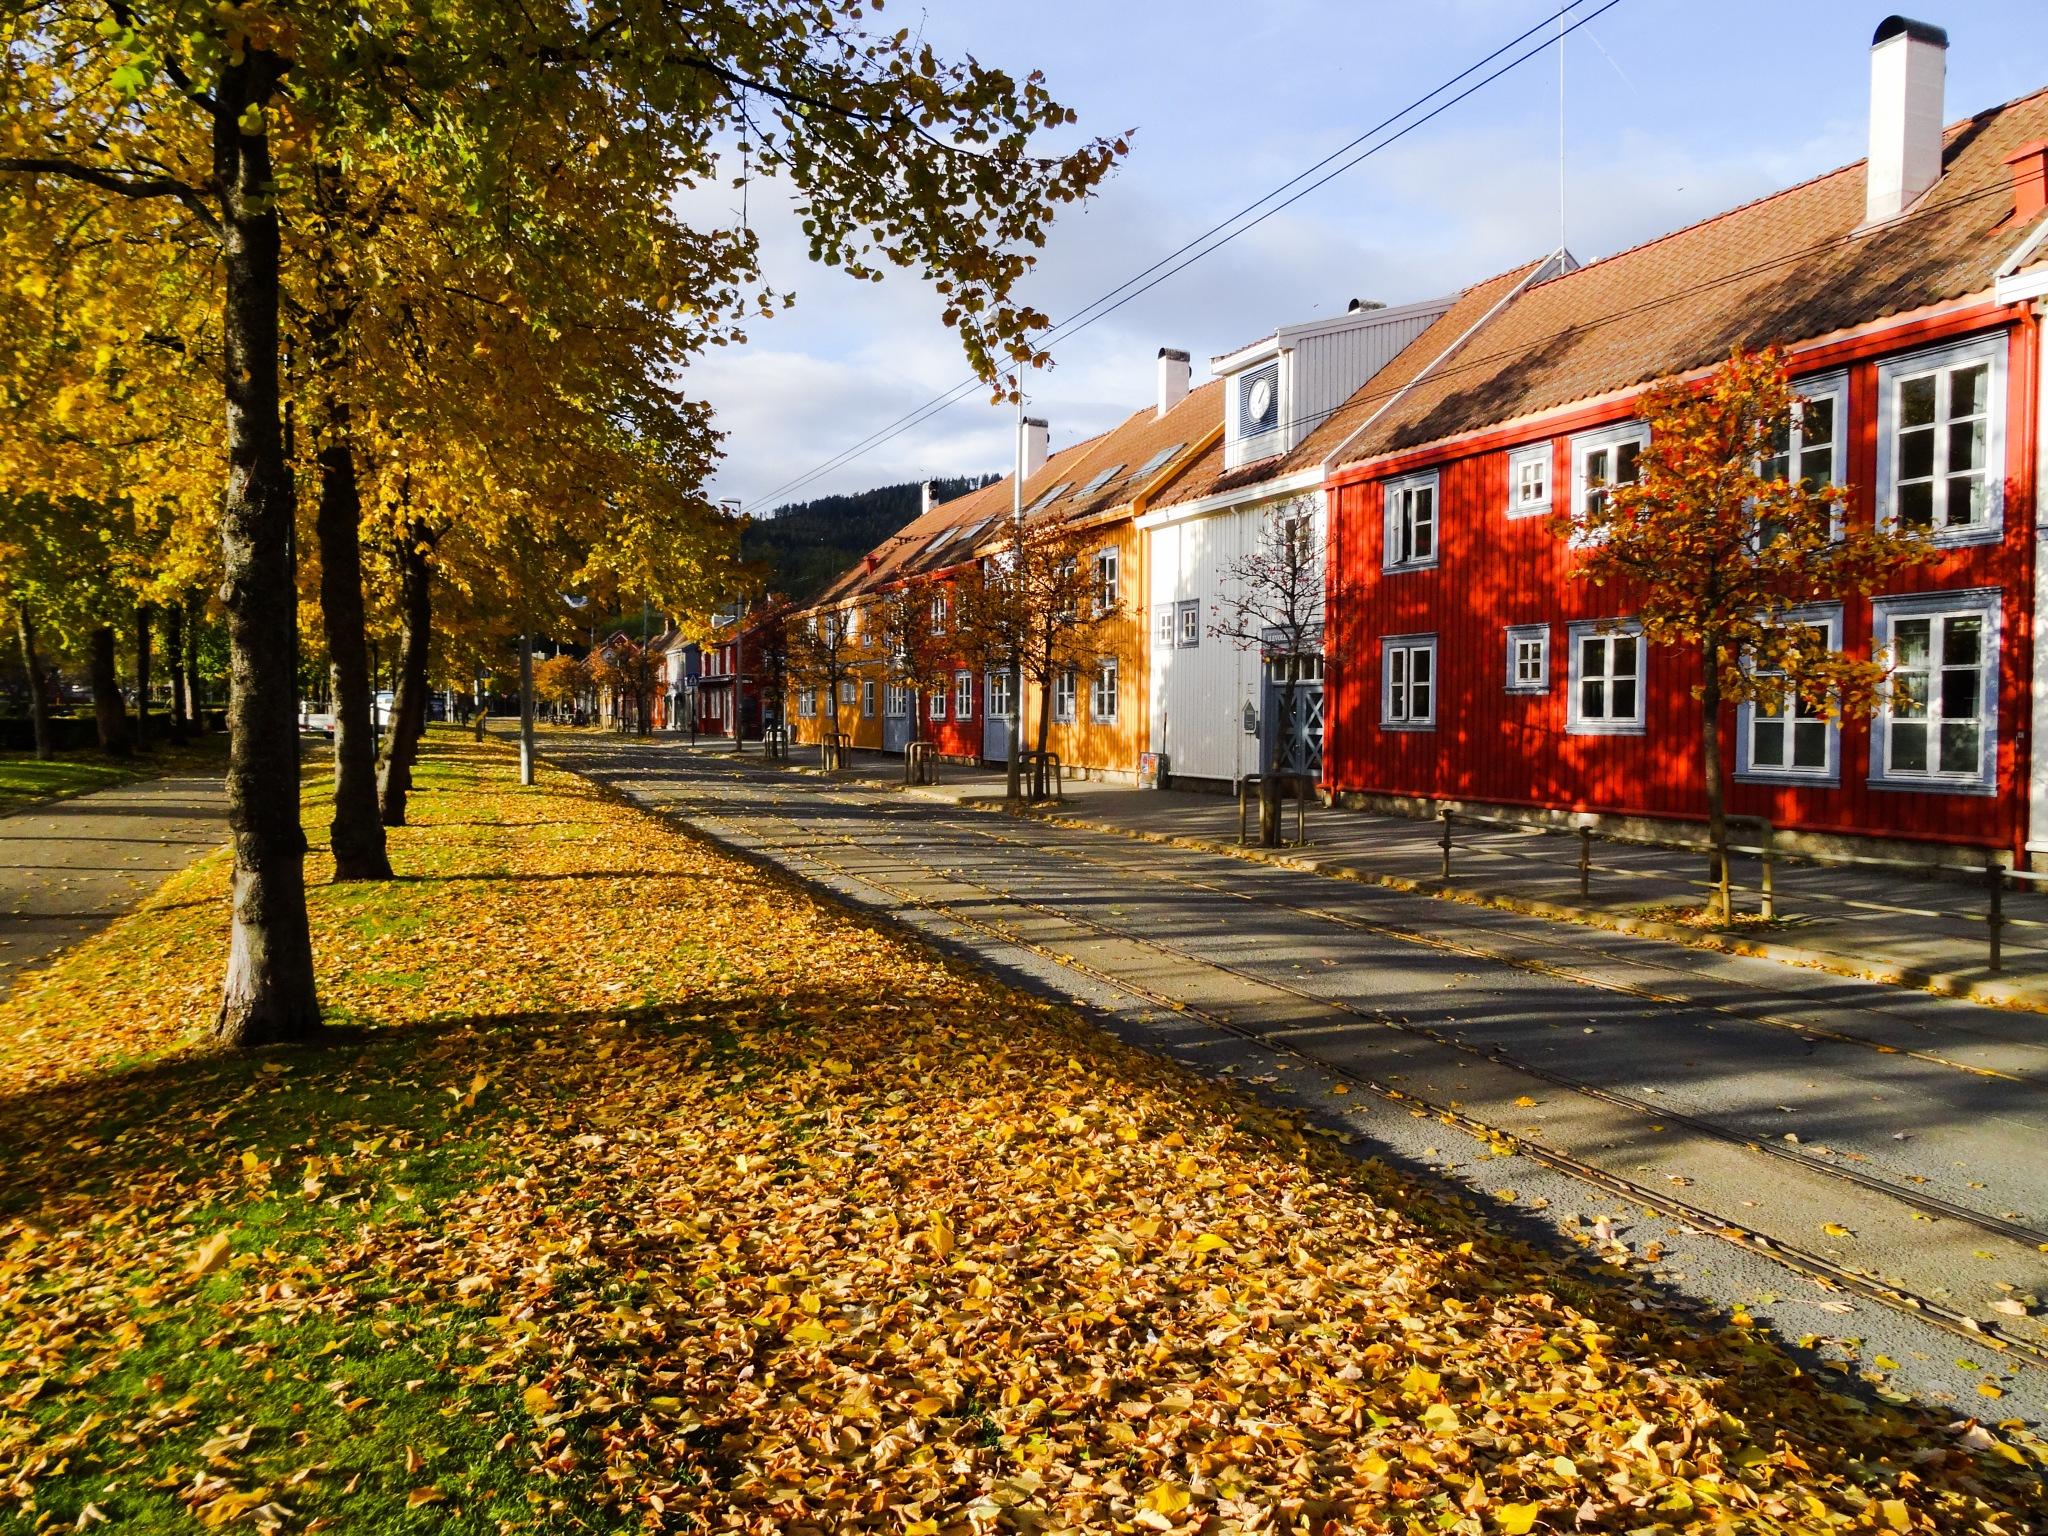 Autumn in Trondheim by luciestarup